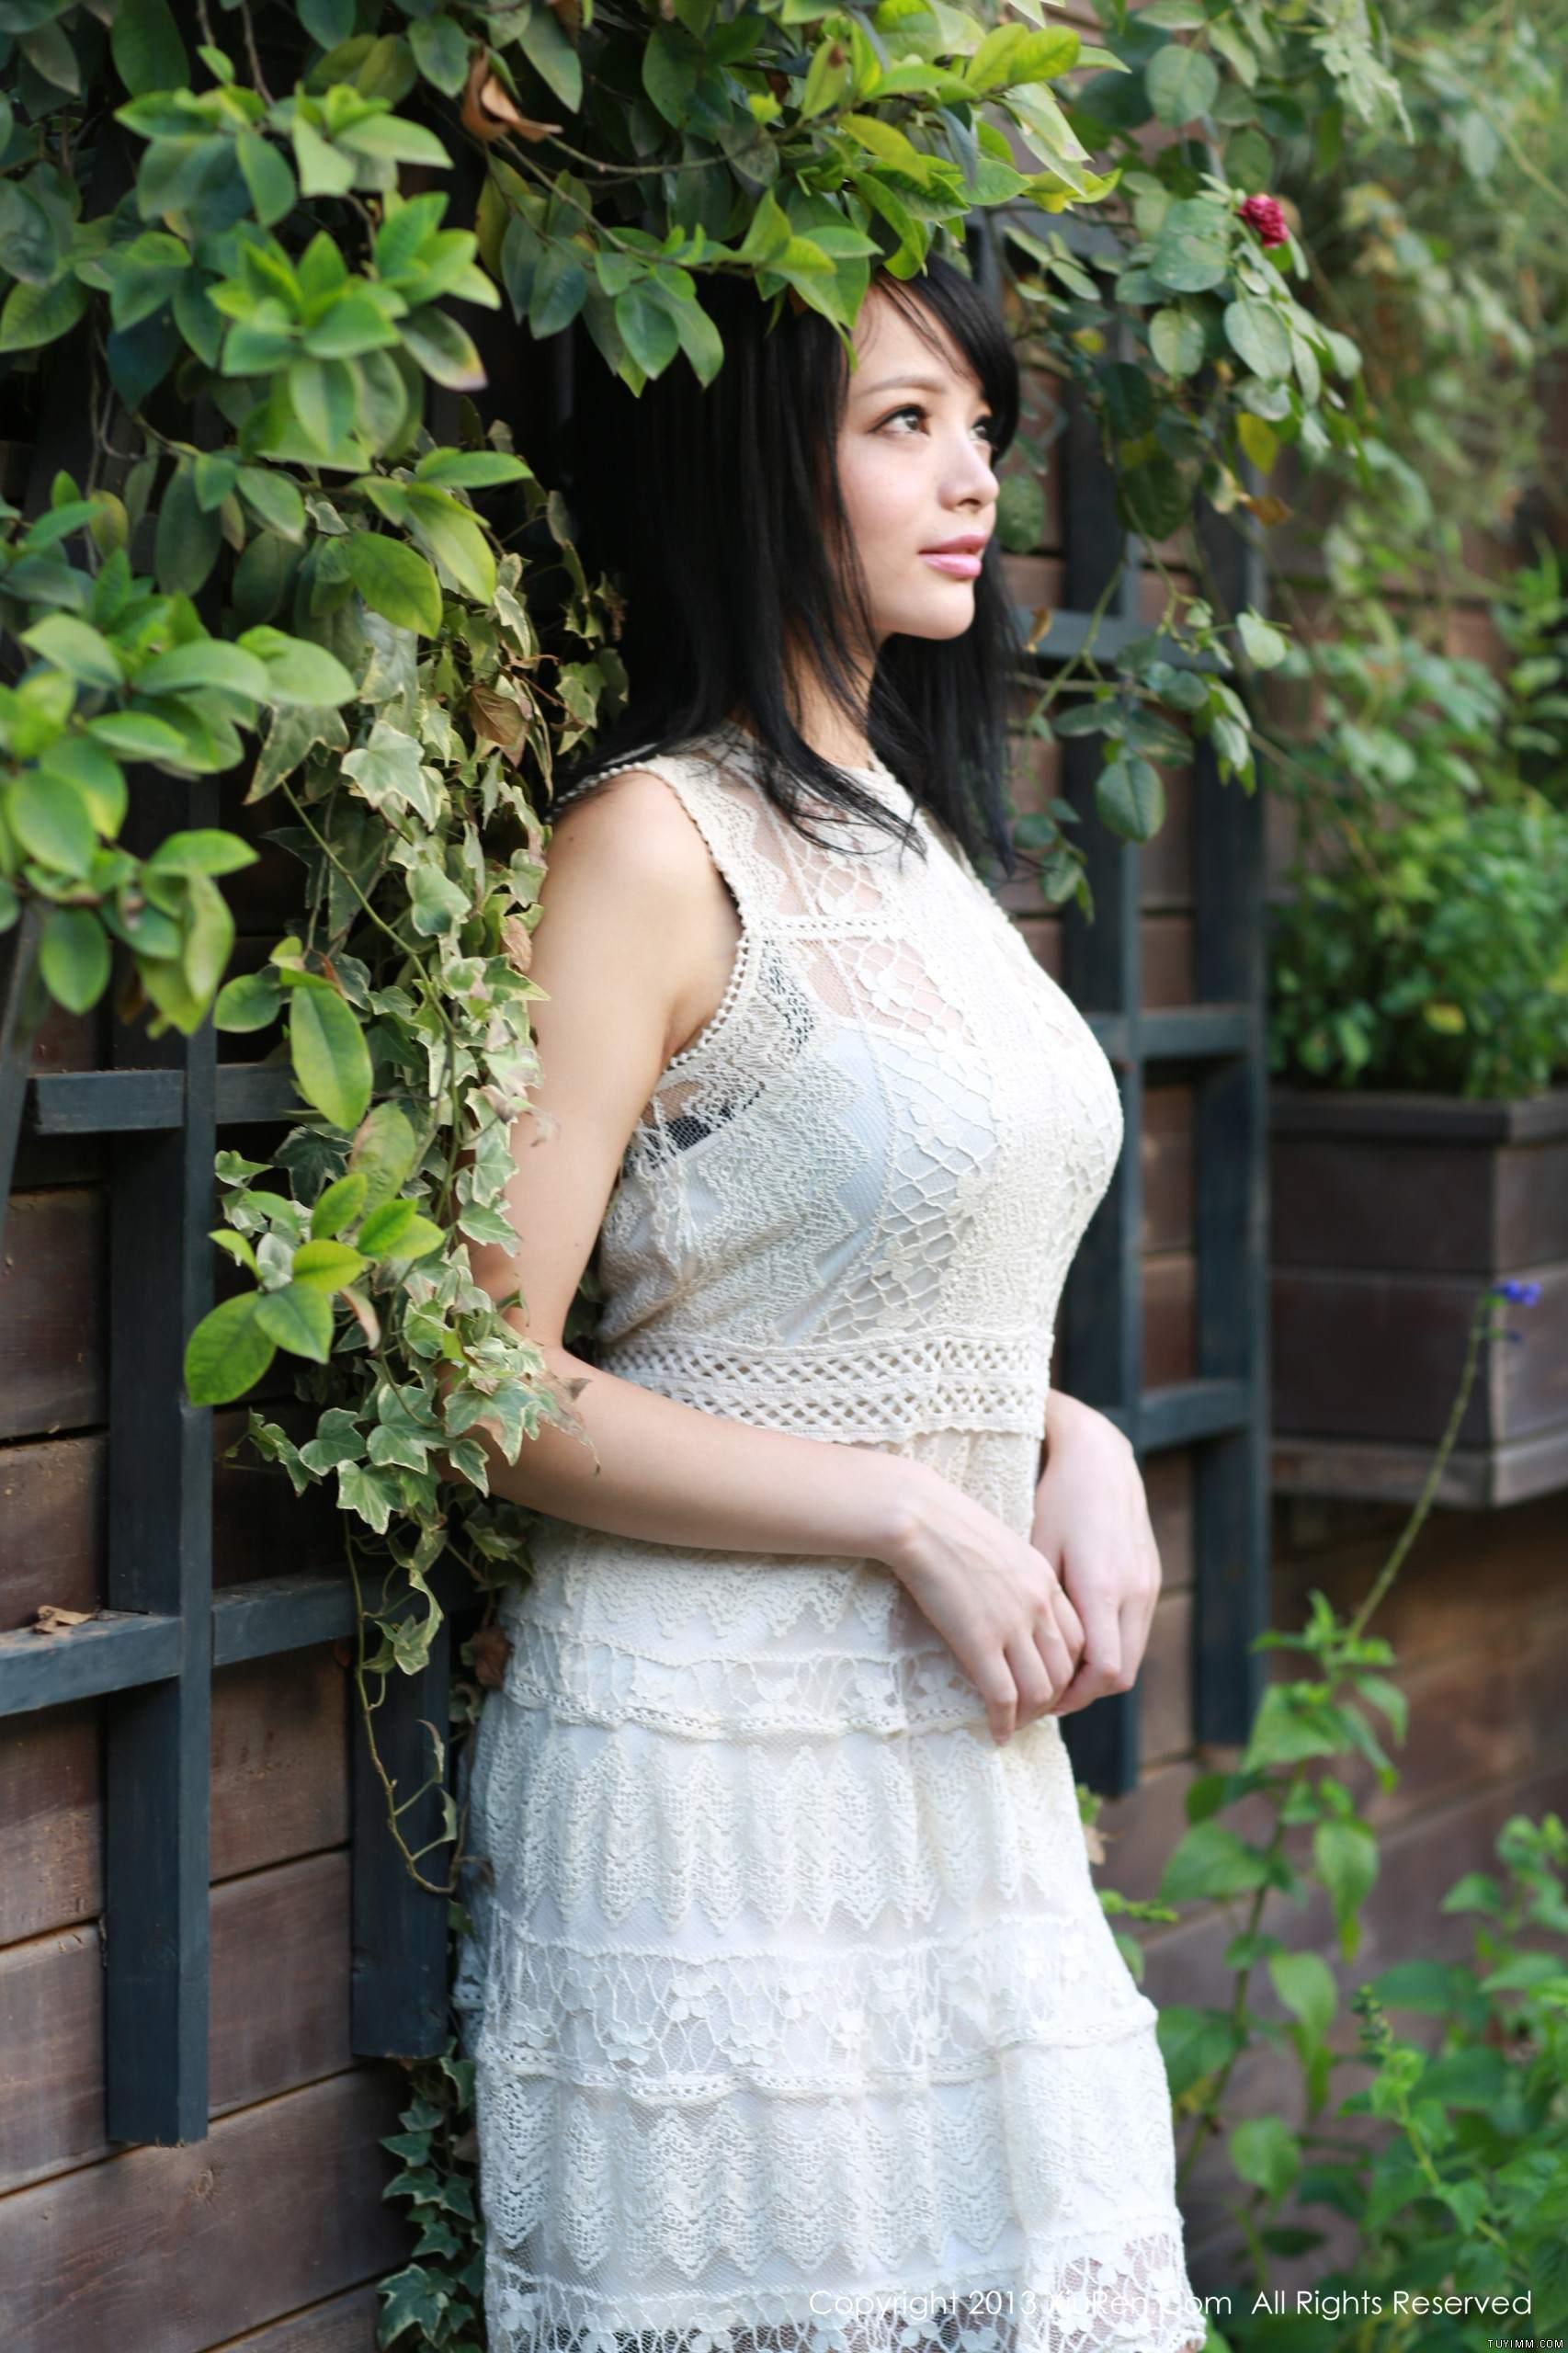 AngelaLee朵朵的辅助网站-第38张图片-哔哔娱乐网